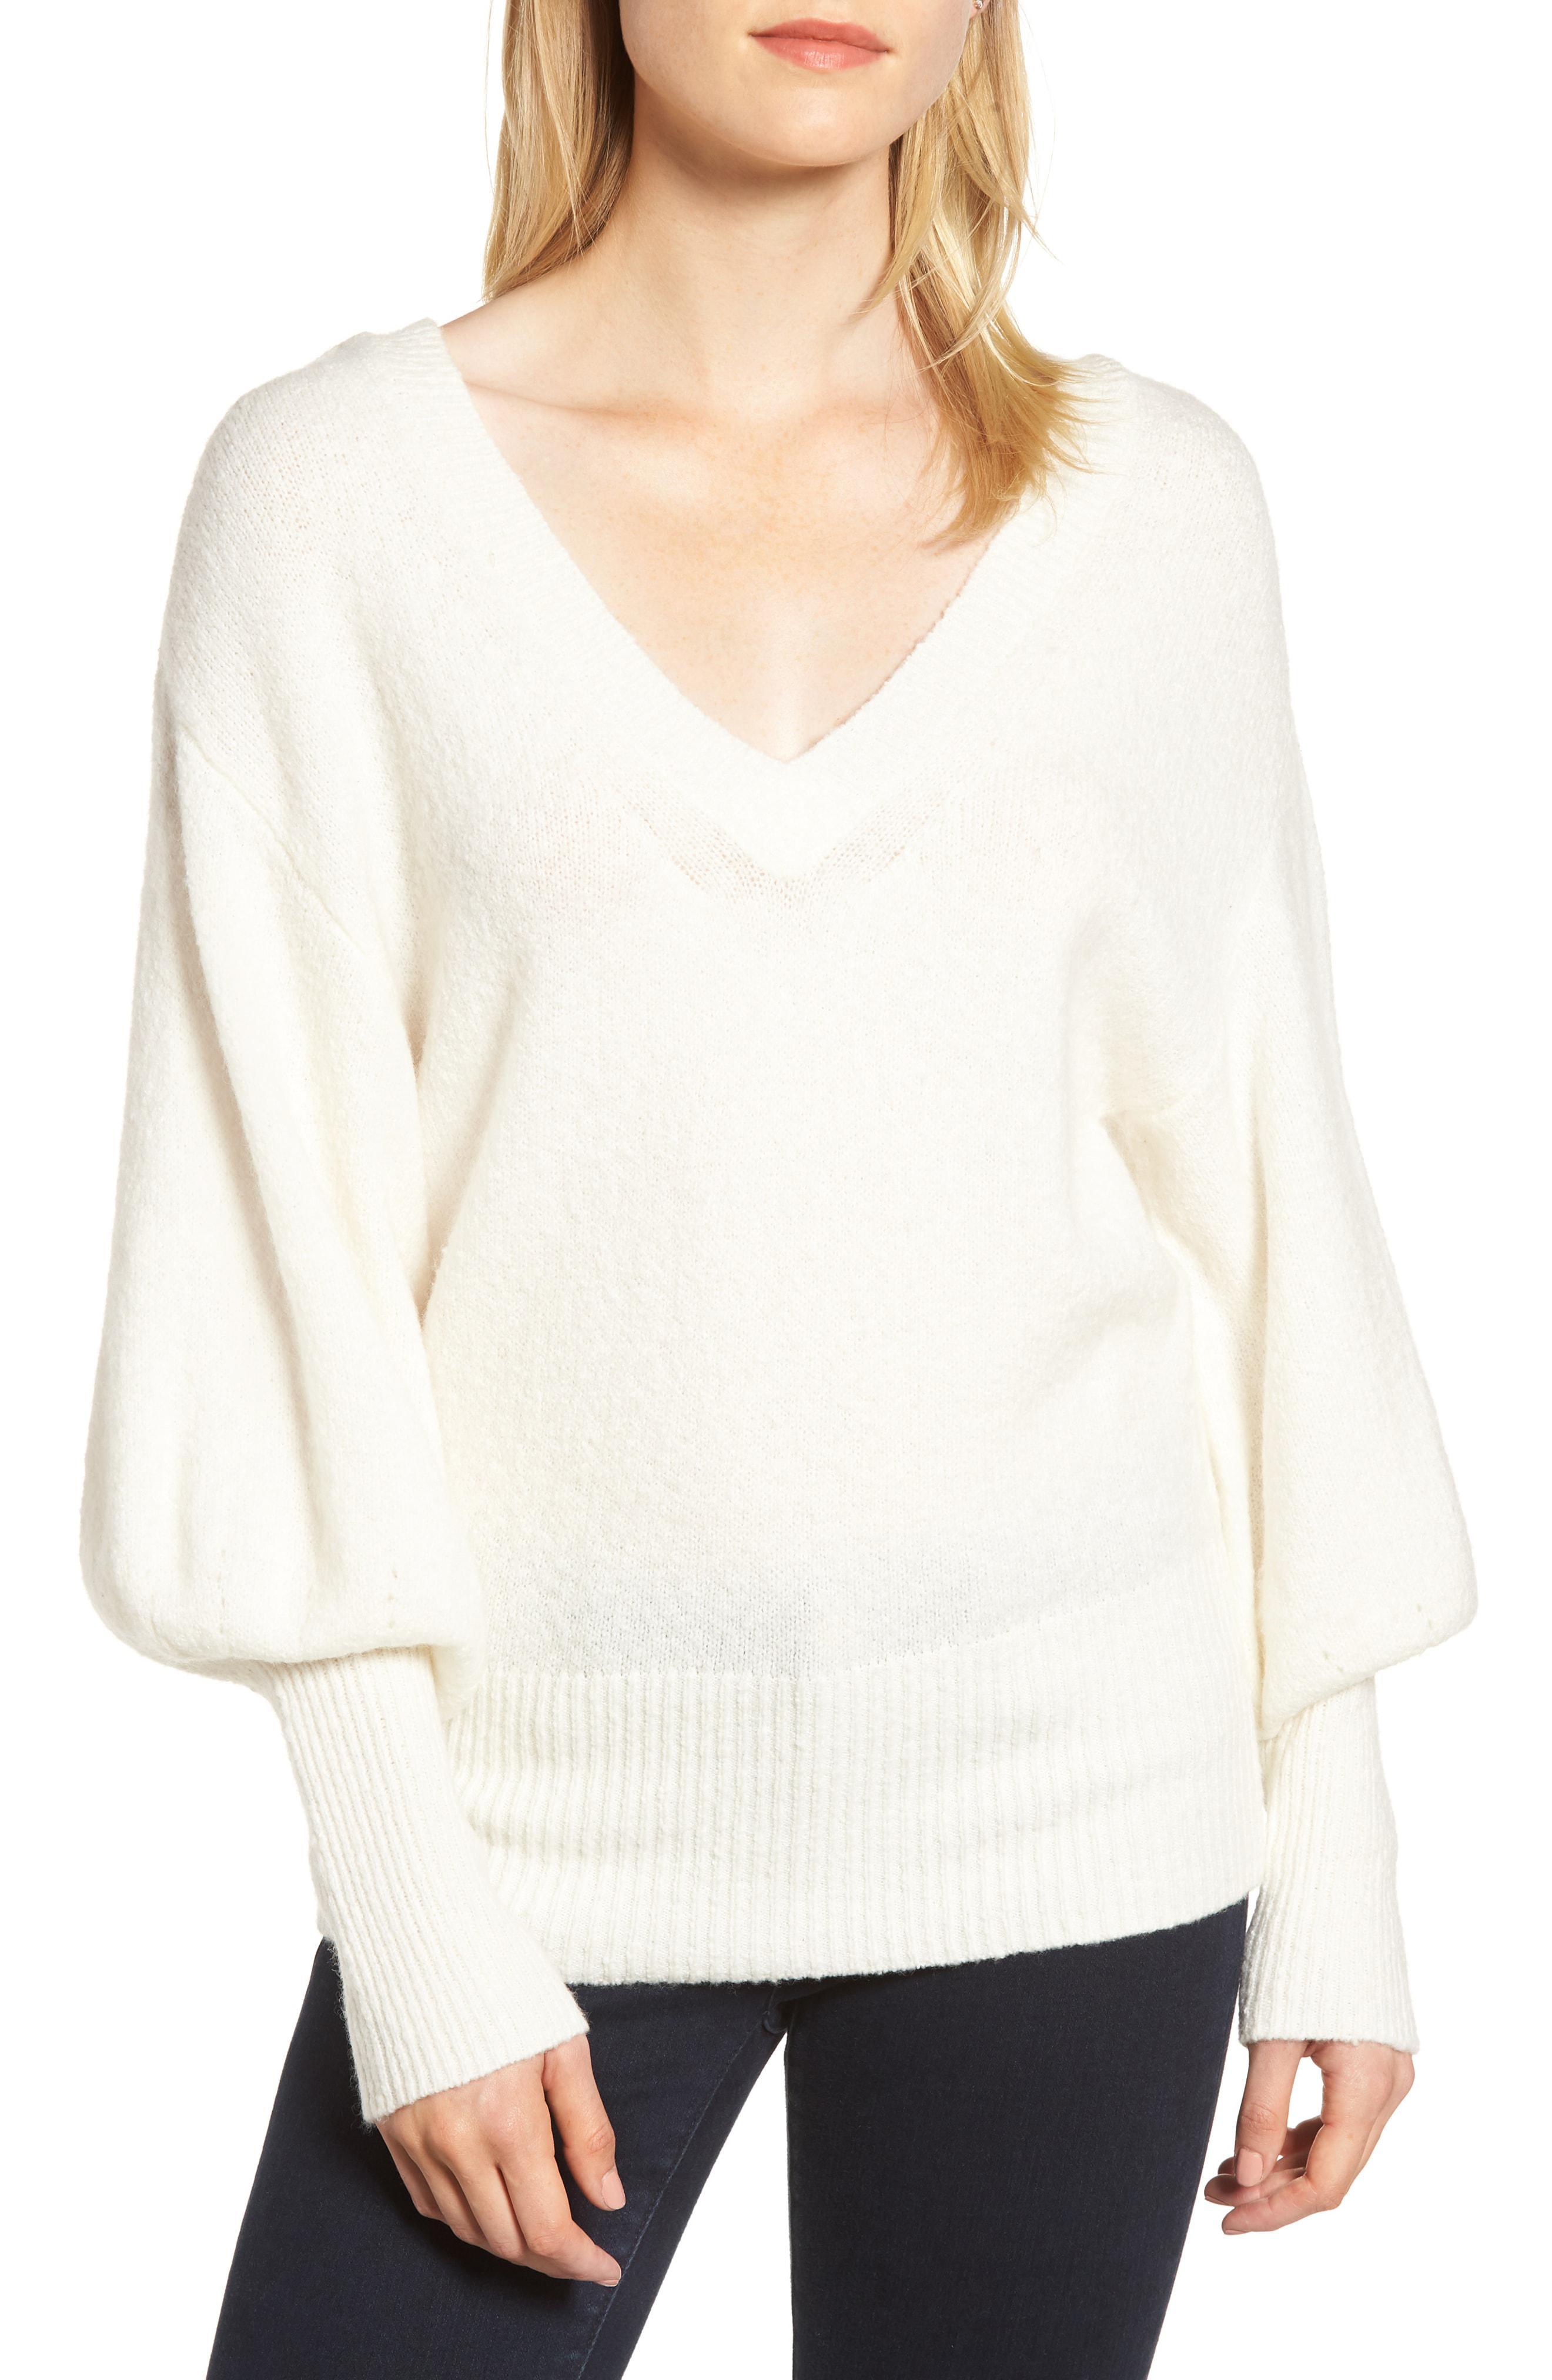 Lyst - Michael Michael Kors Blouson Sleeve Sweater in White 80dcb638e